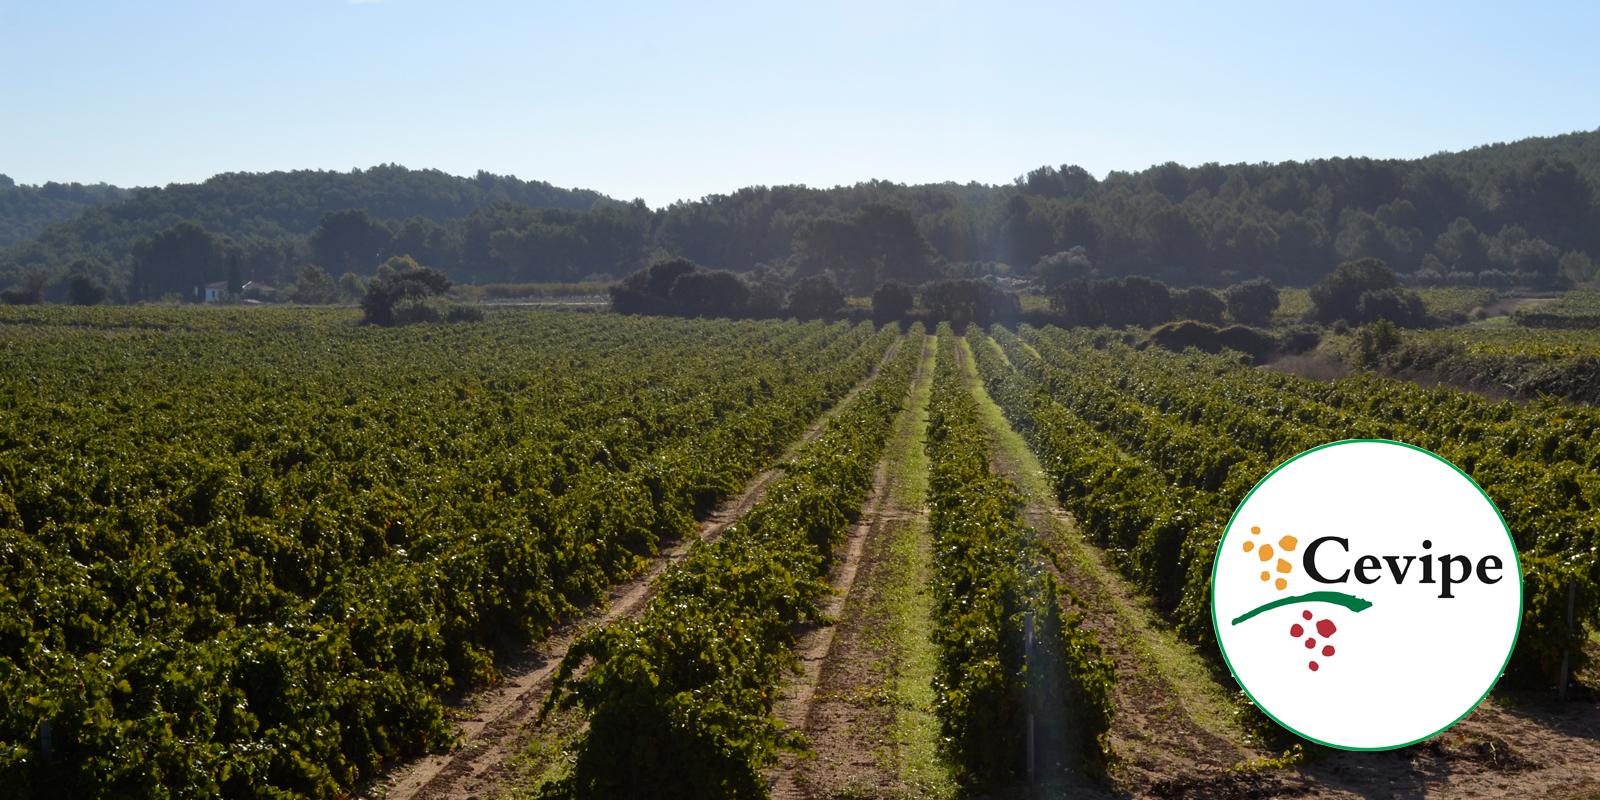 55 milions de Kg de producció mitjana anual6.500 hectàrees cultivades